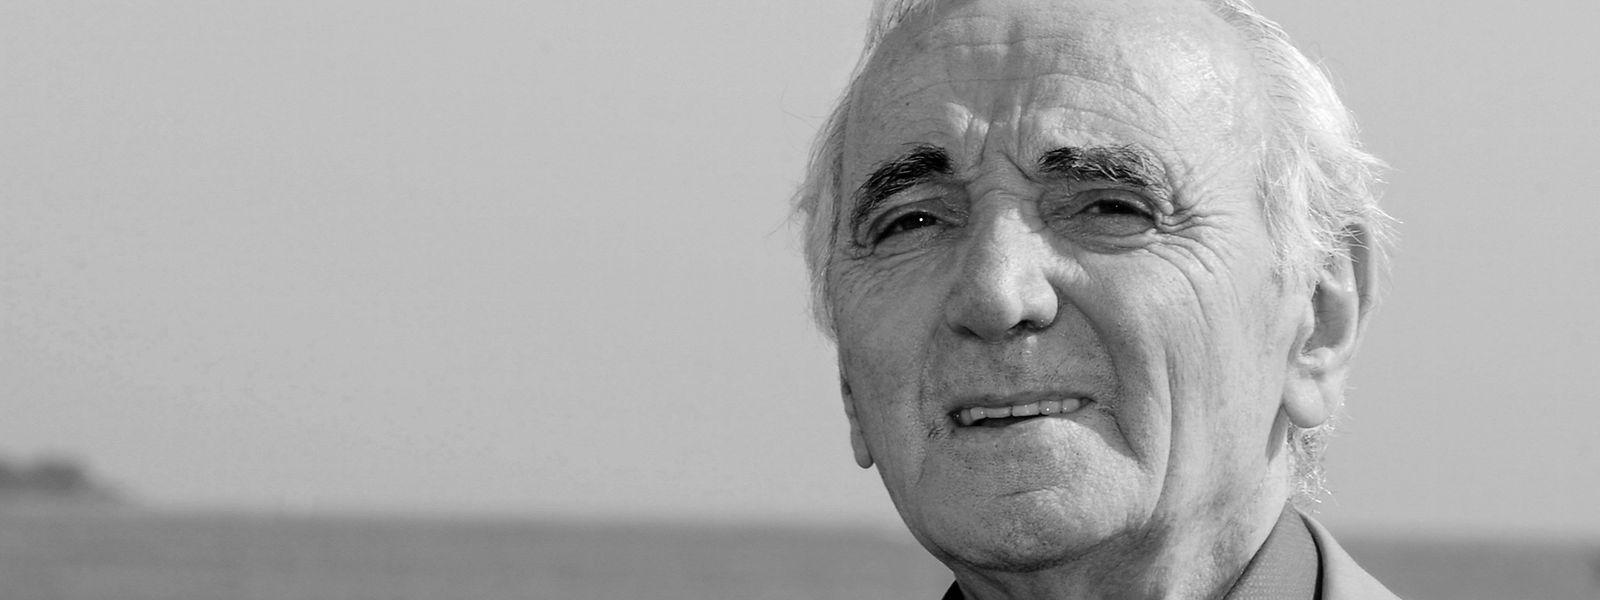 Der französische Sänger Charles Aznavour bei einem Fototermin. Er ist im Alter von 94 Jahren gestorben.